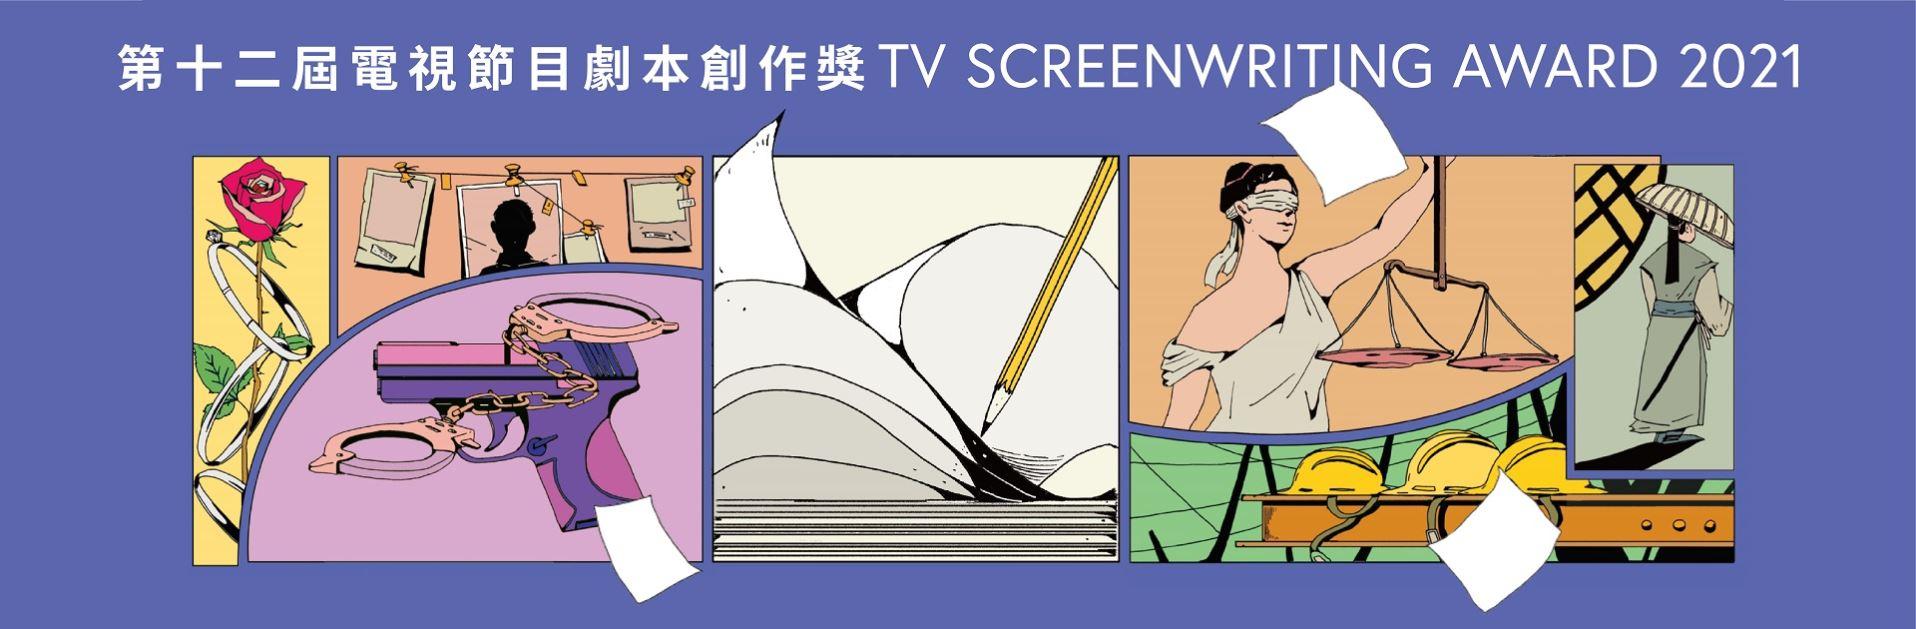 TV Screenwriting Award 2021